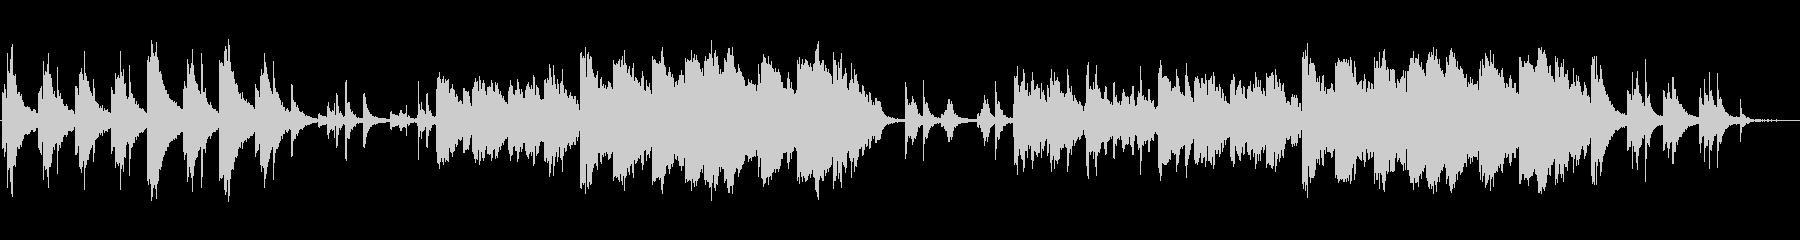 シンプルで幻想的なヒーリングミュージックの未再生の波形